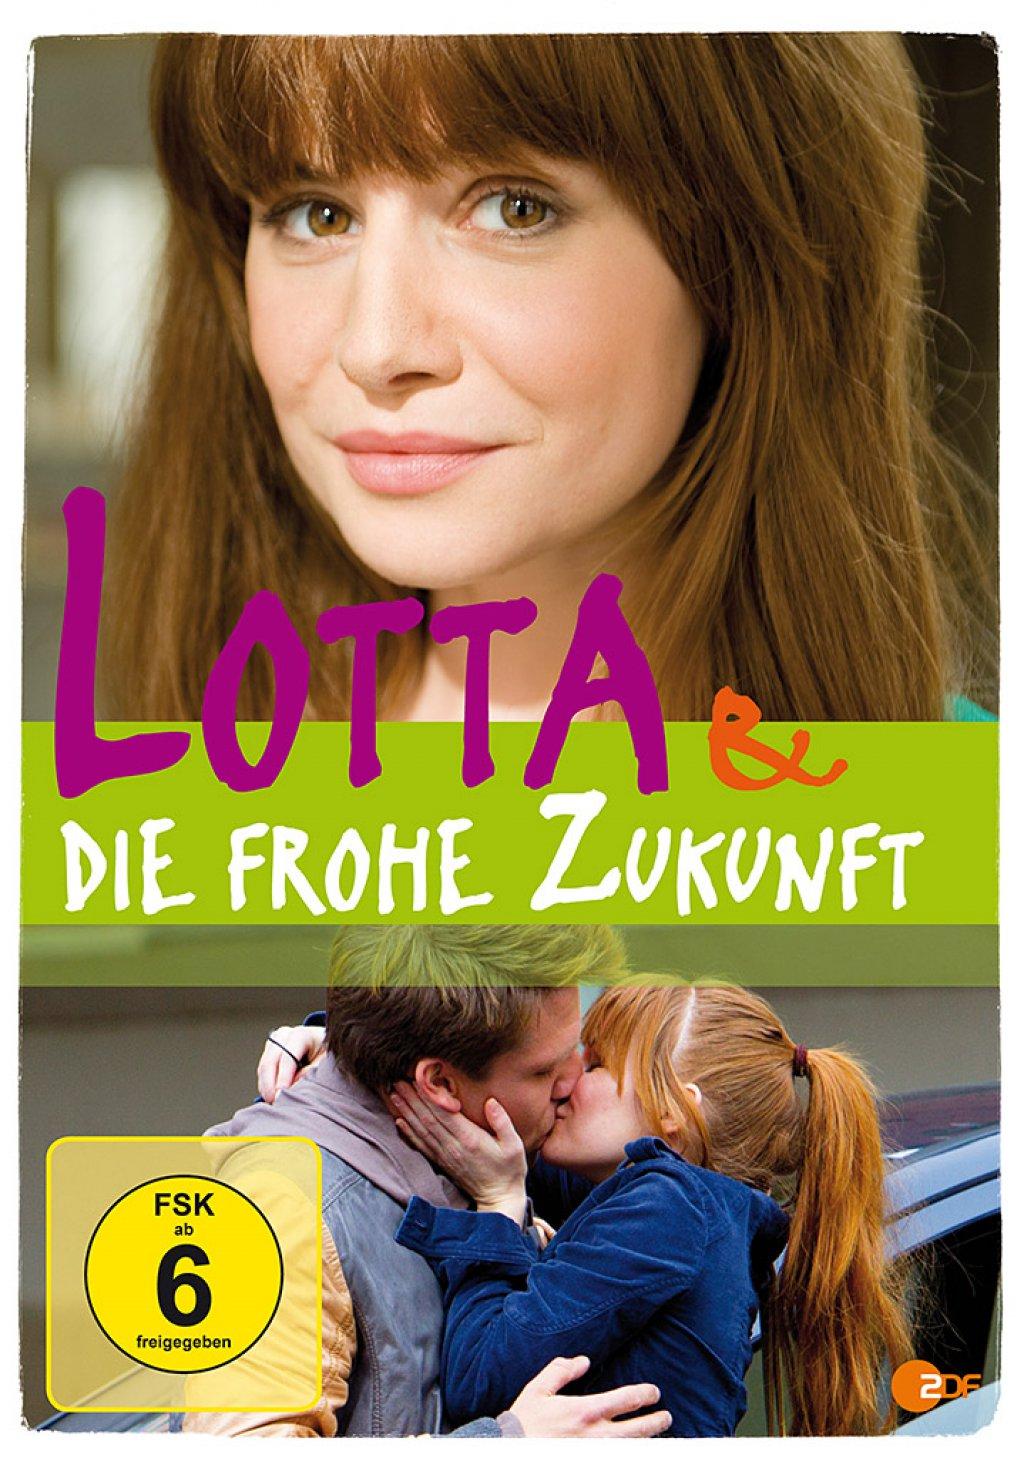 Lotta & die frohe Zukunft (DVD)